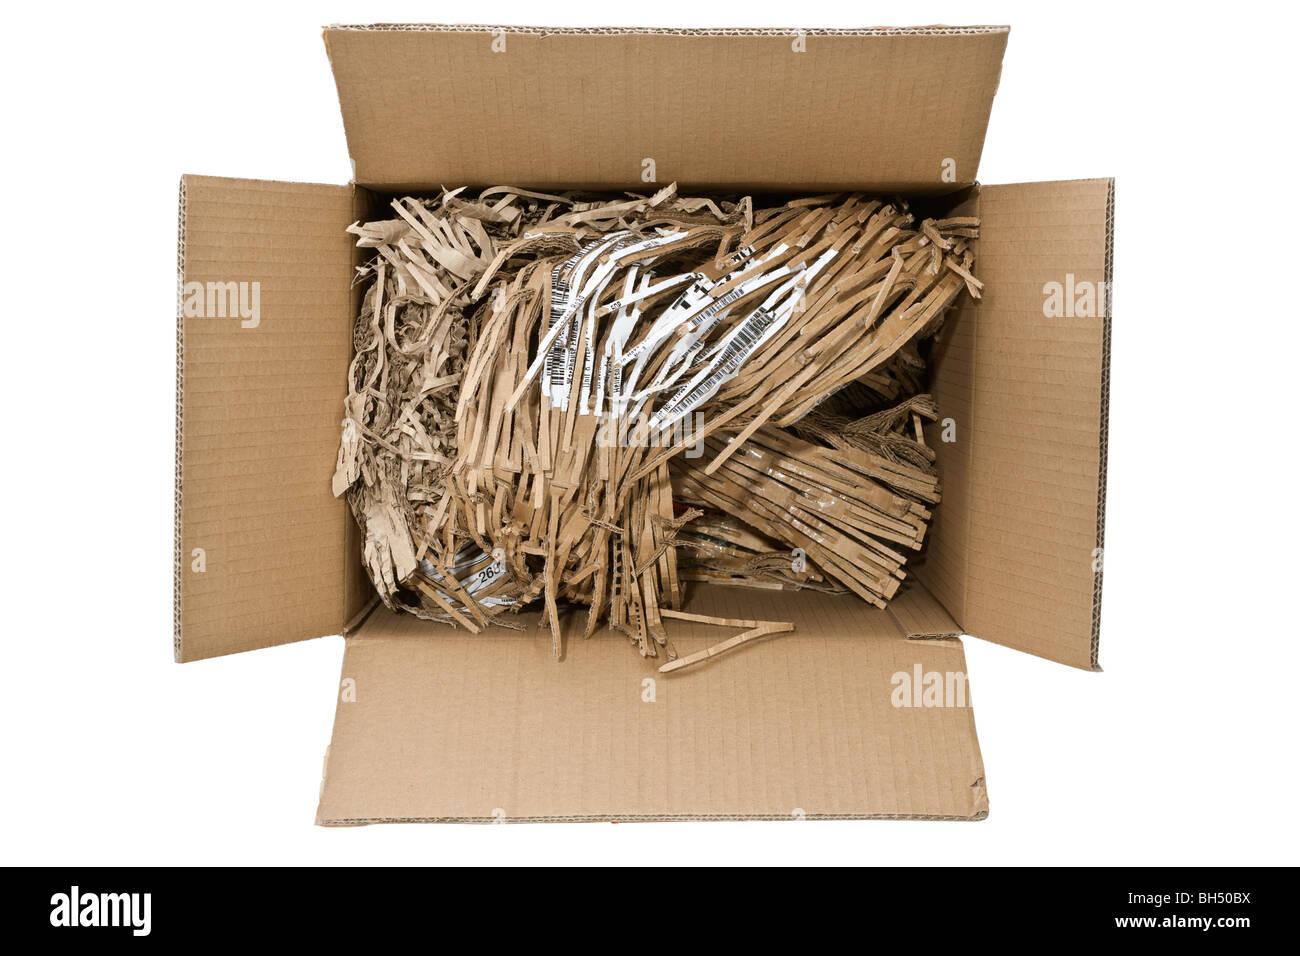 Auf der Suche nach unten in einen Karton voller zerkleinerte Pappe Recycling Verpackungsmaterial Stockbild